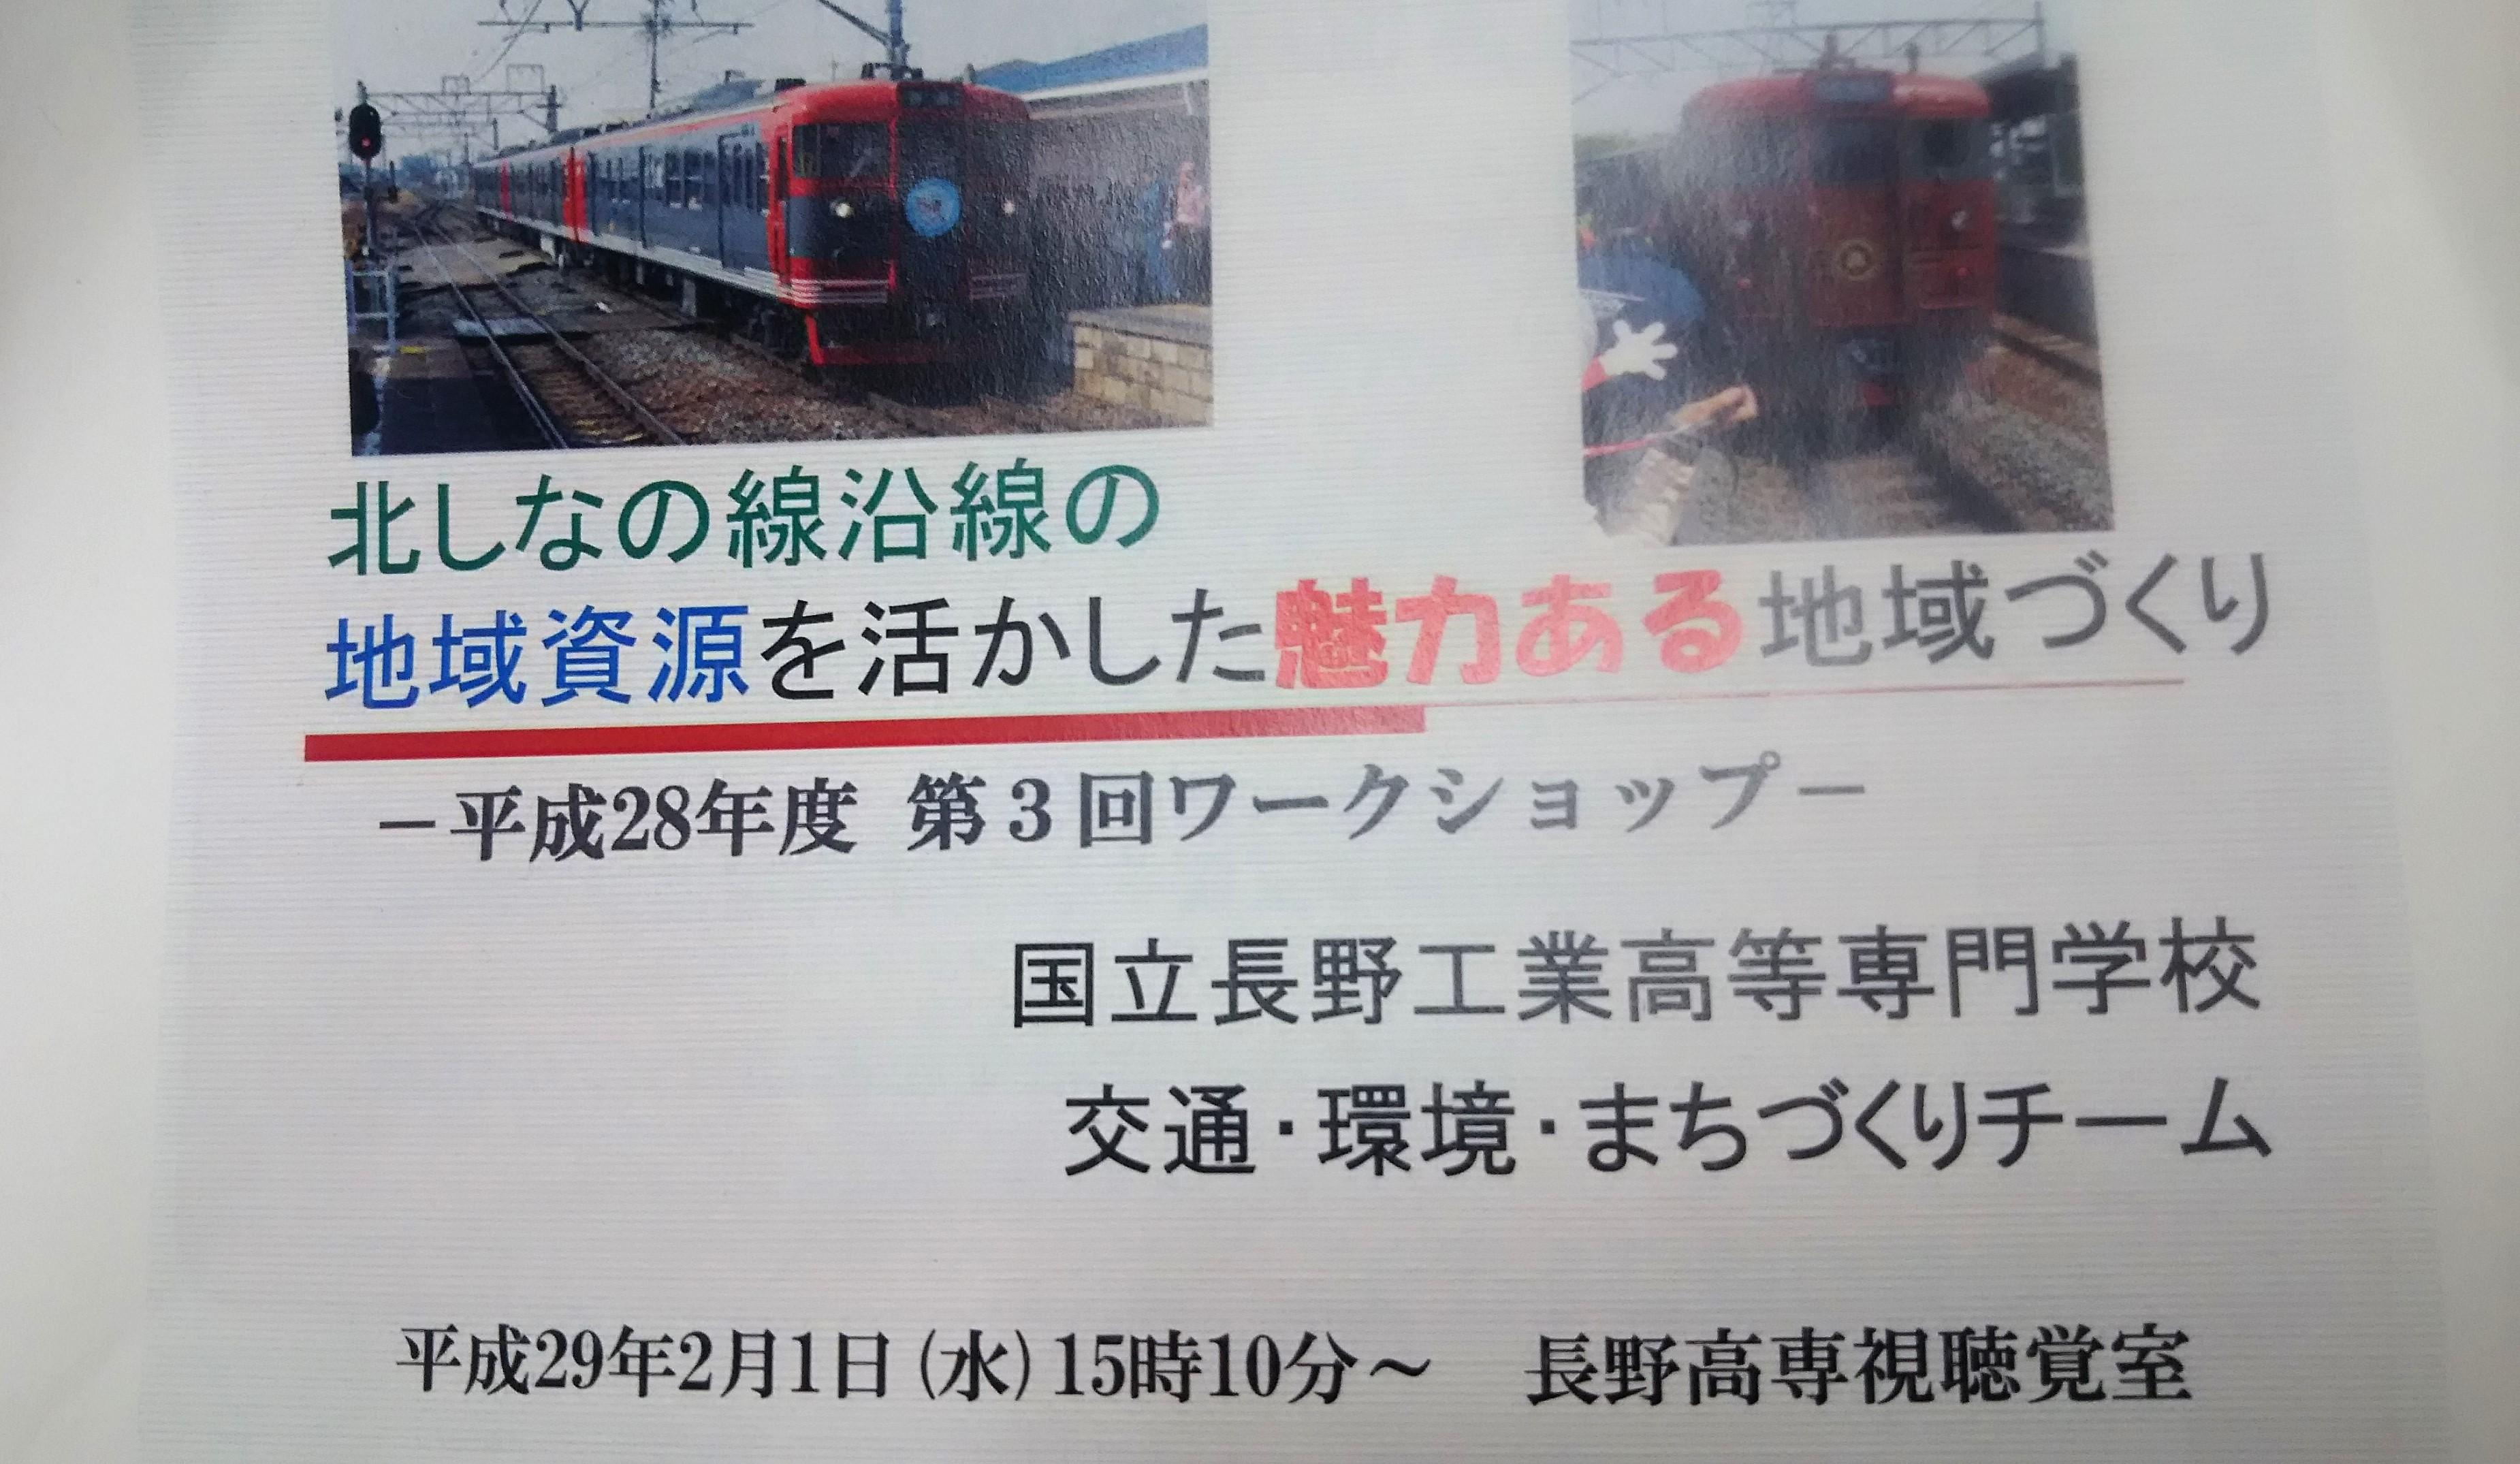 wa-kusyoppu1.jpg